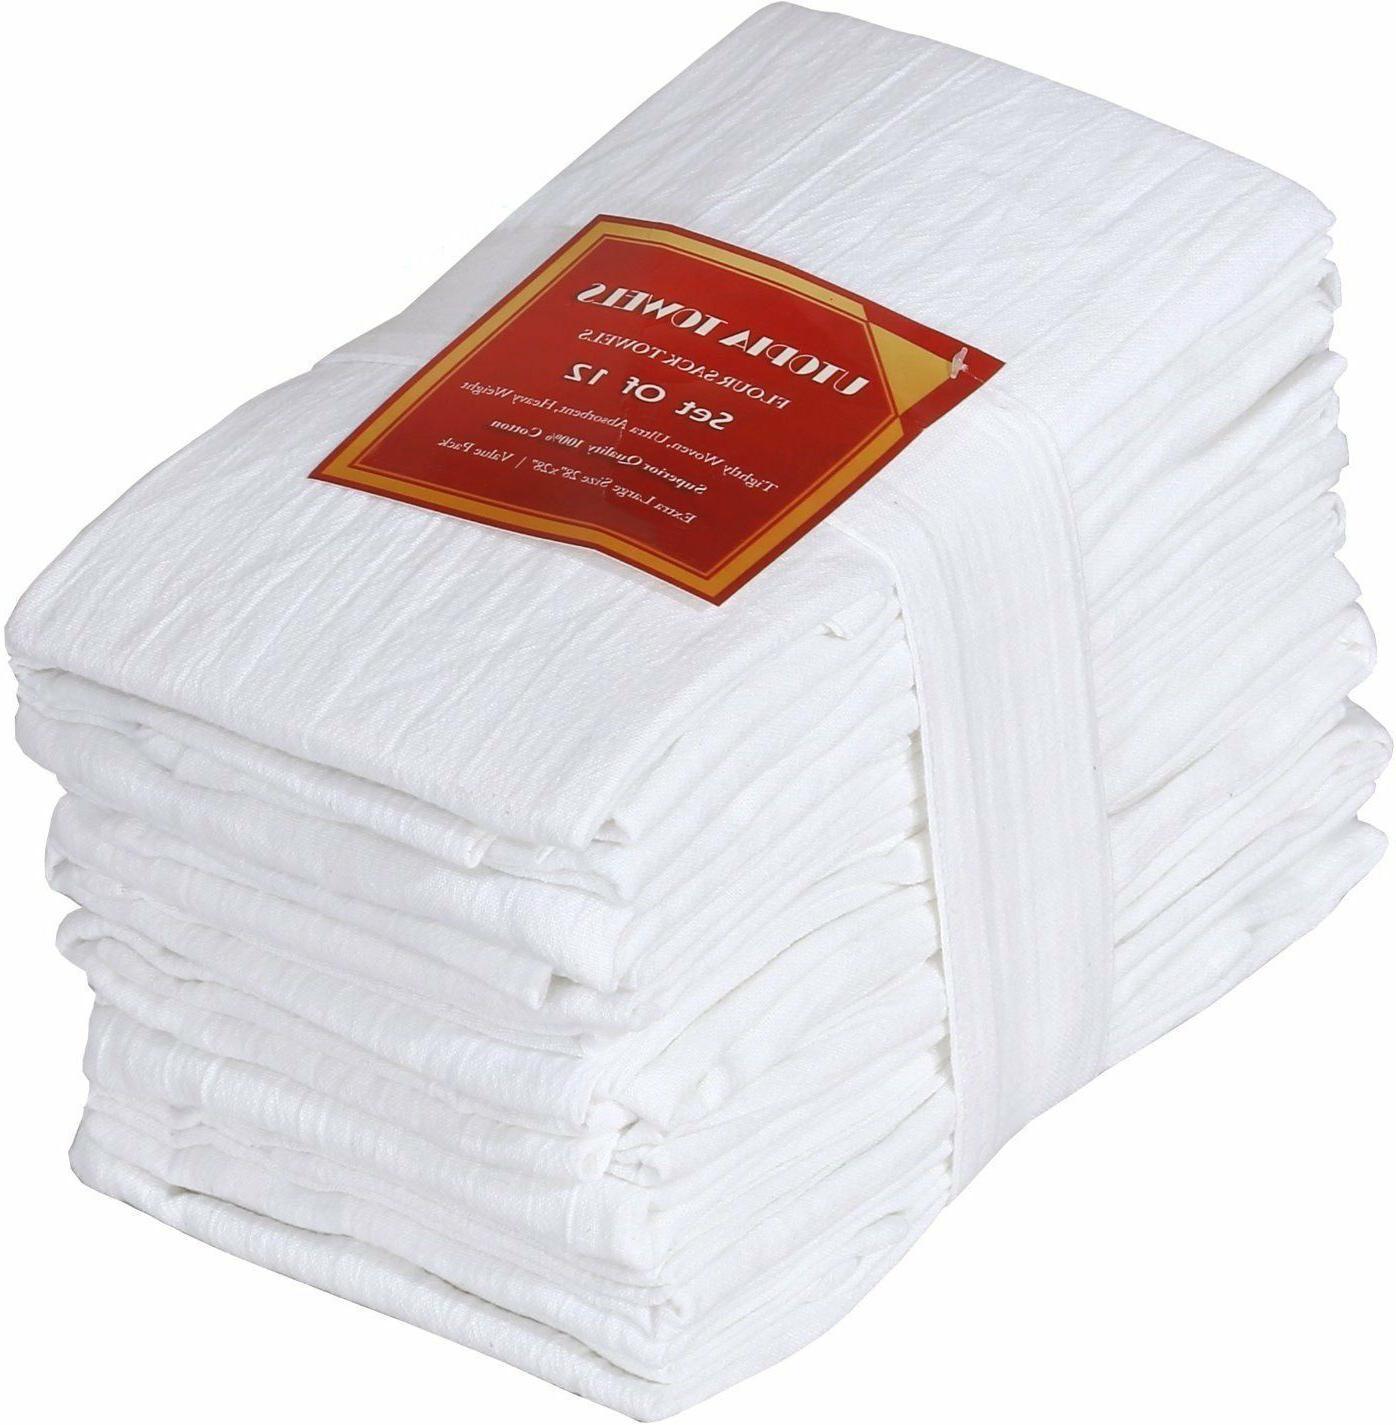 28 x 28 flour sack towels cotton